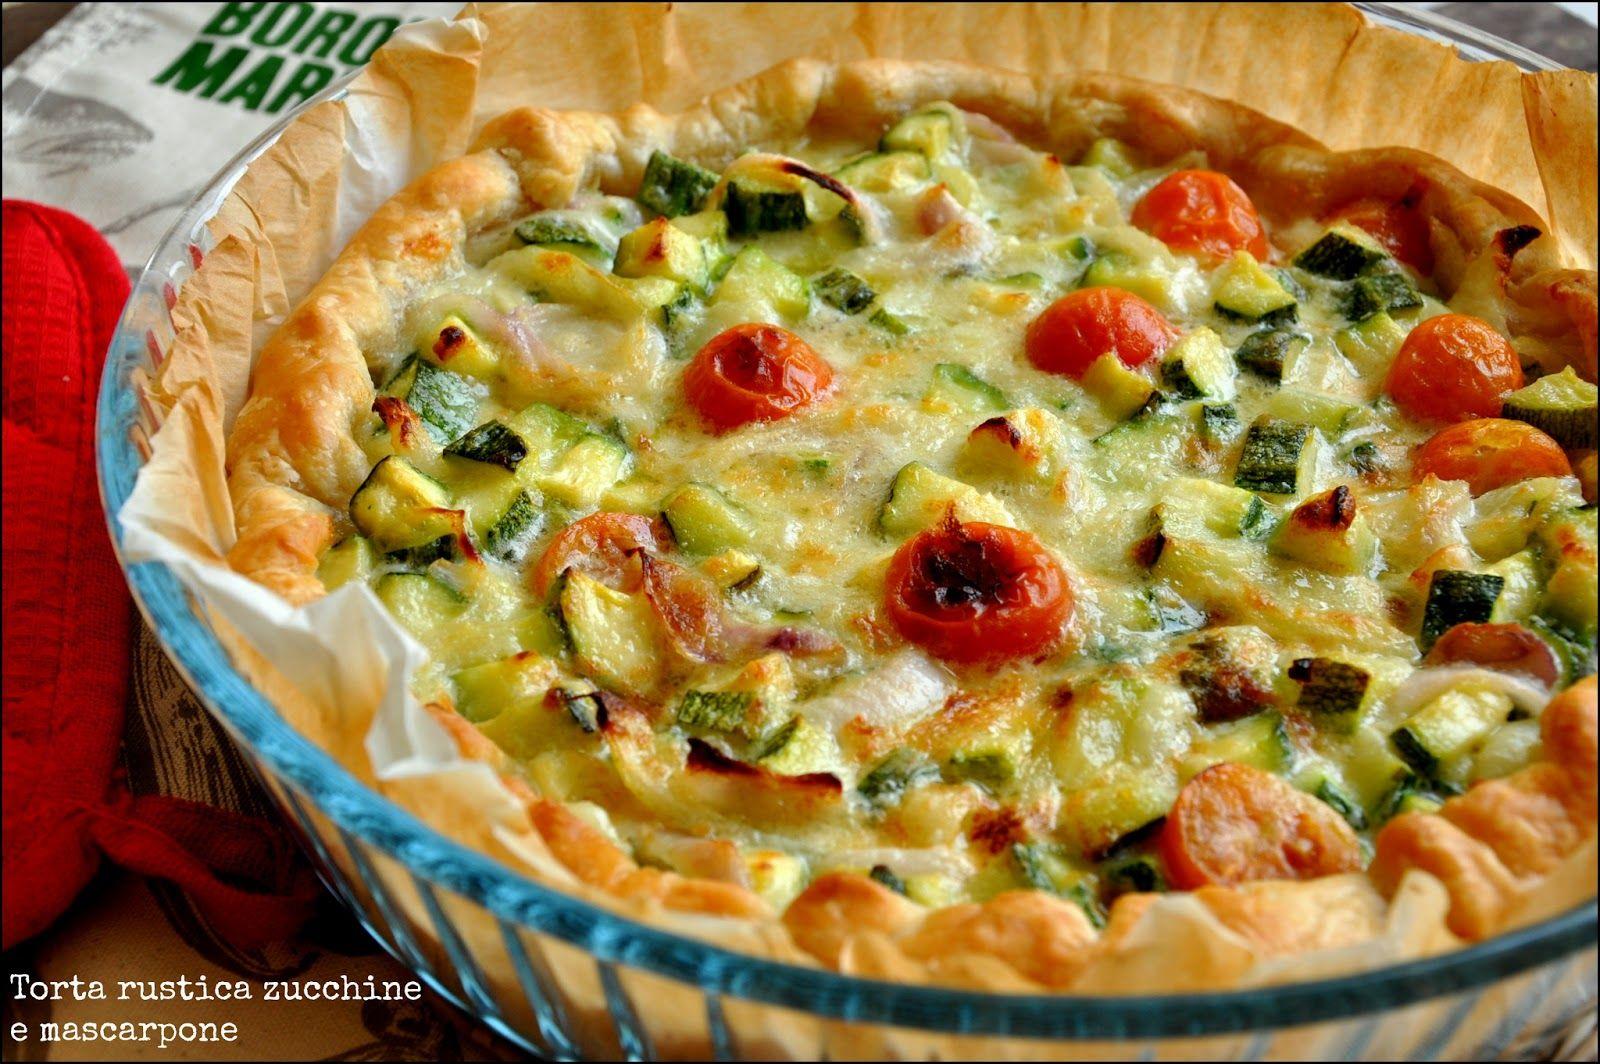 f7e086d9cd74267b9262c64c91cfa9a6 - Ricette Salate Con Mascarpone